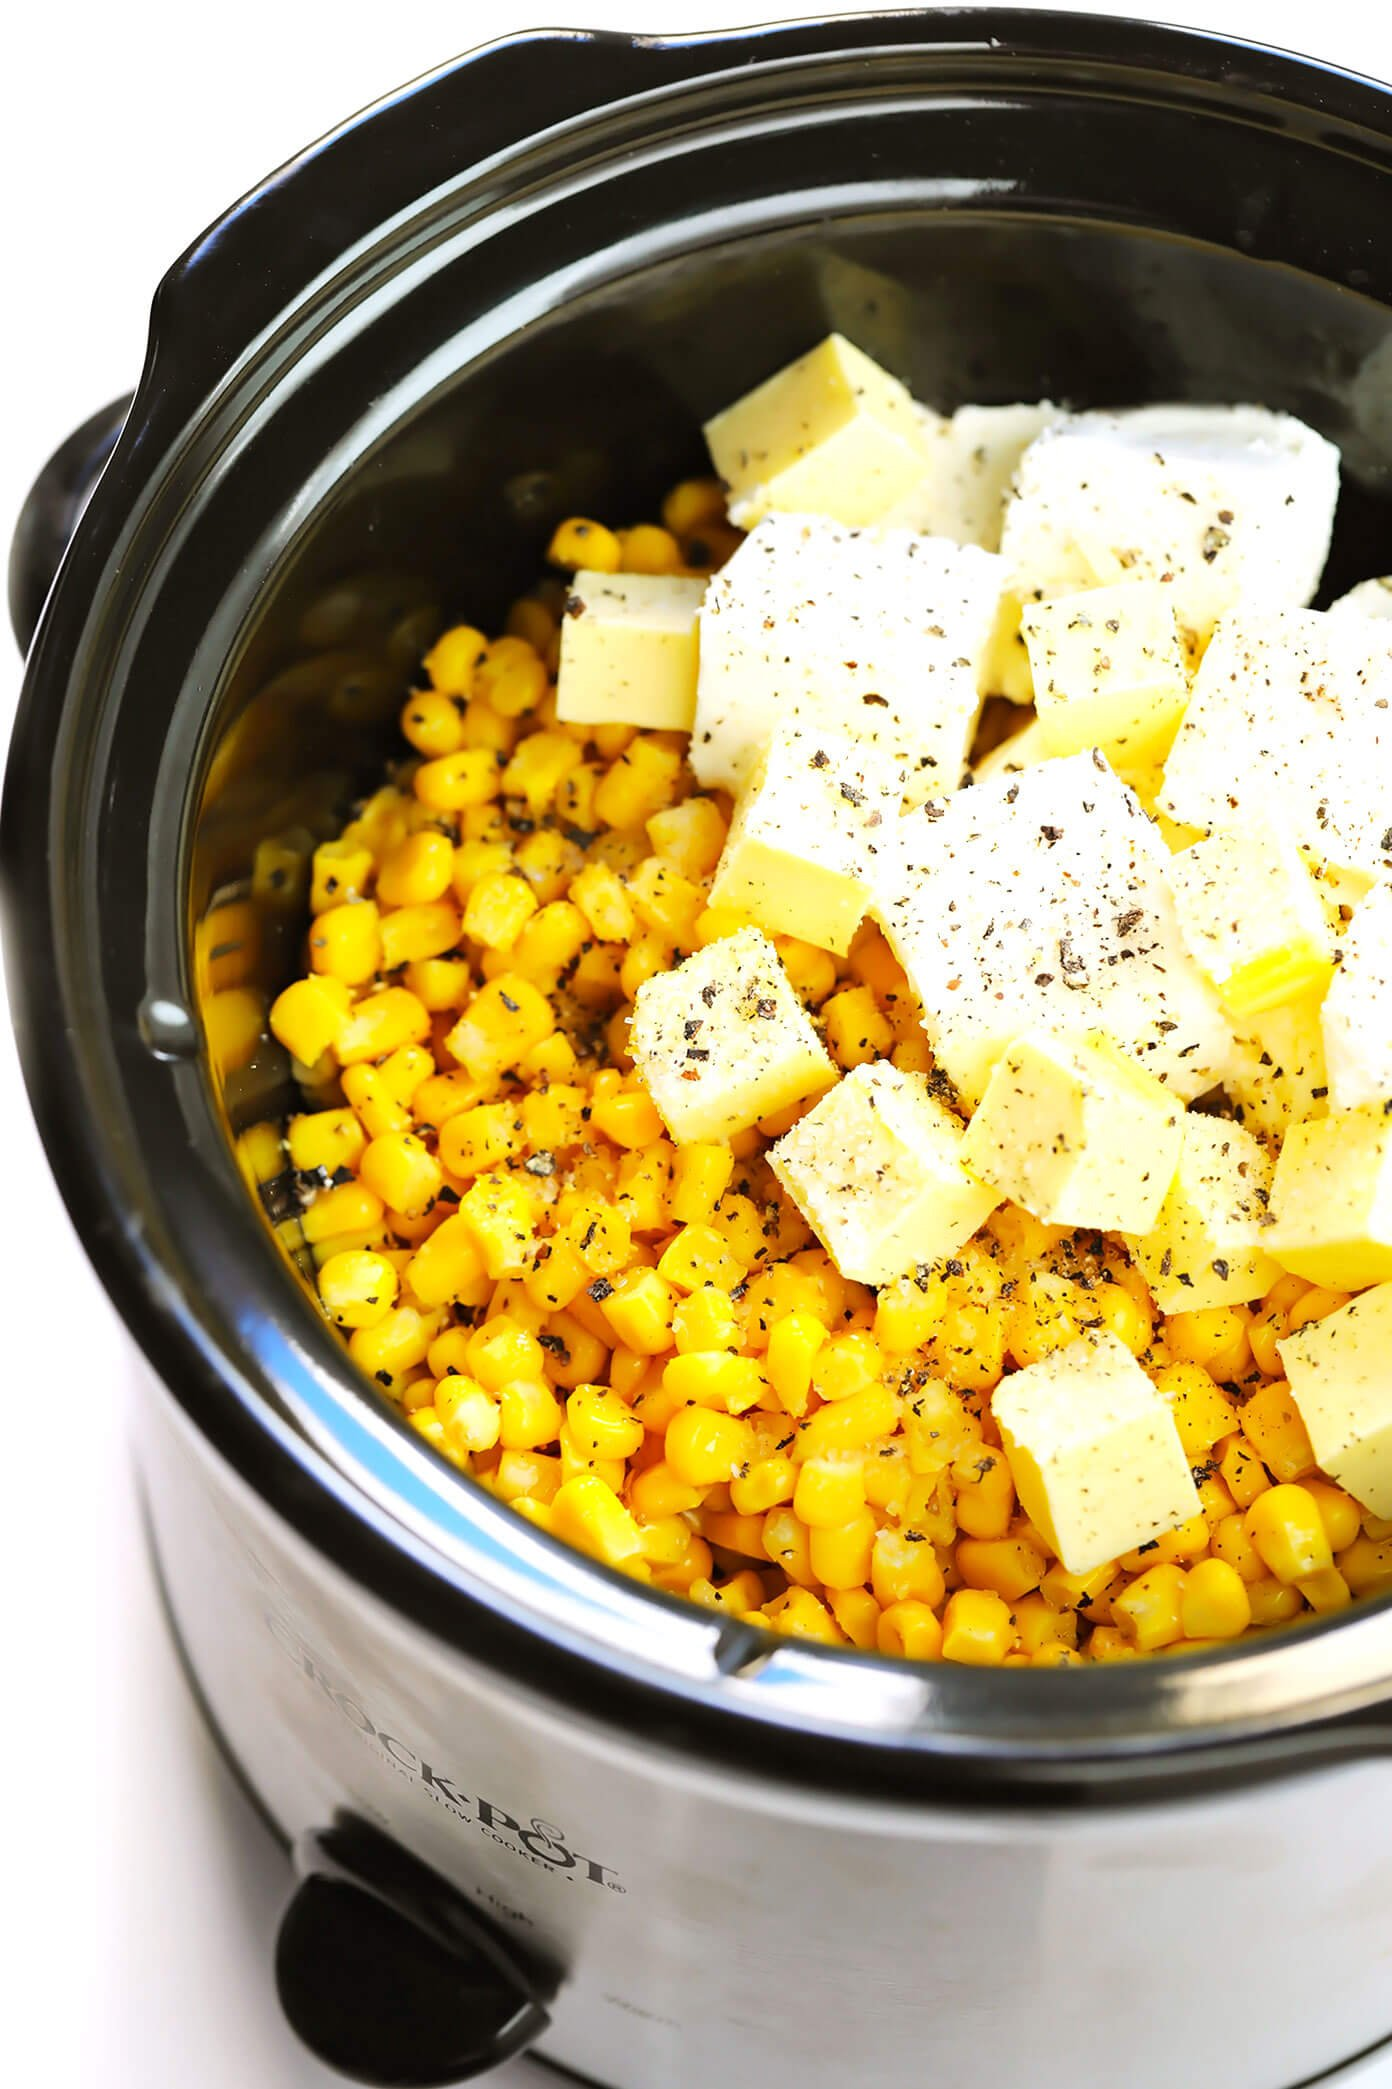 Crock Pot Creamed Corn Ingredients